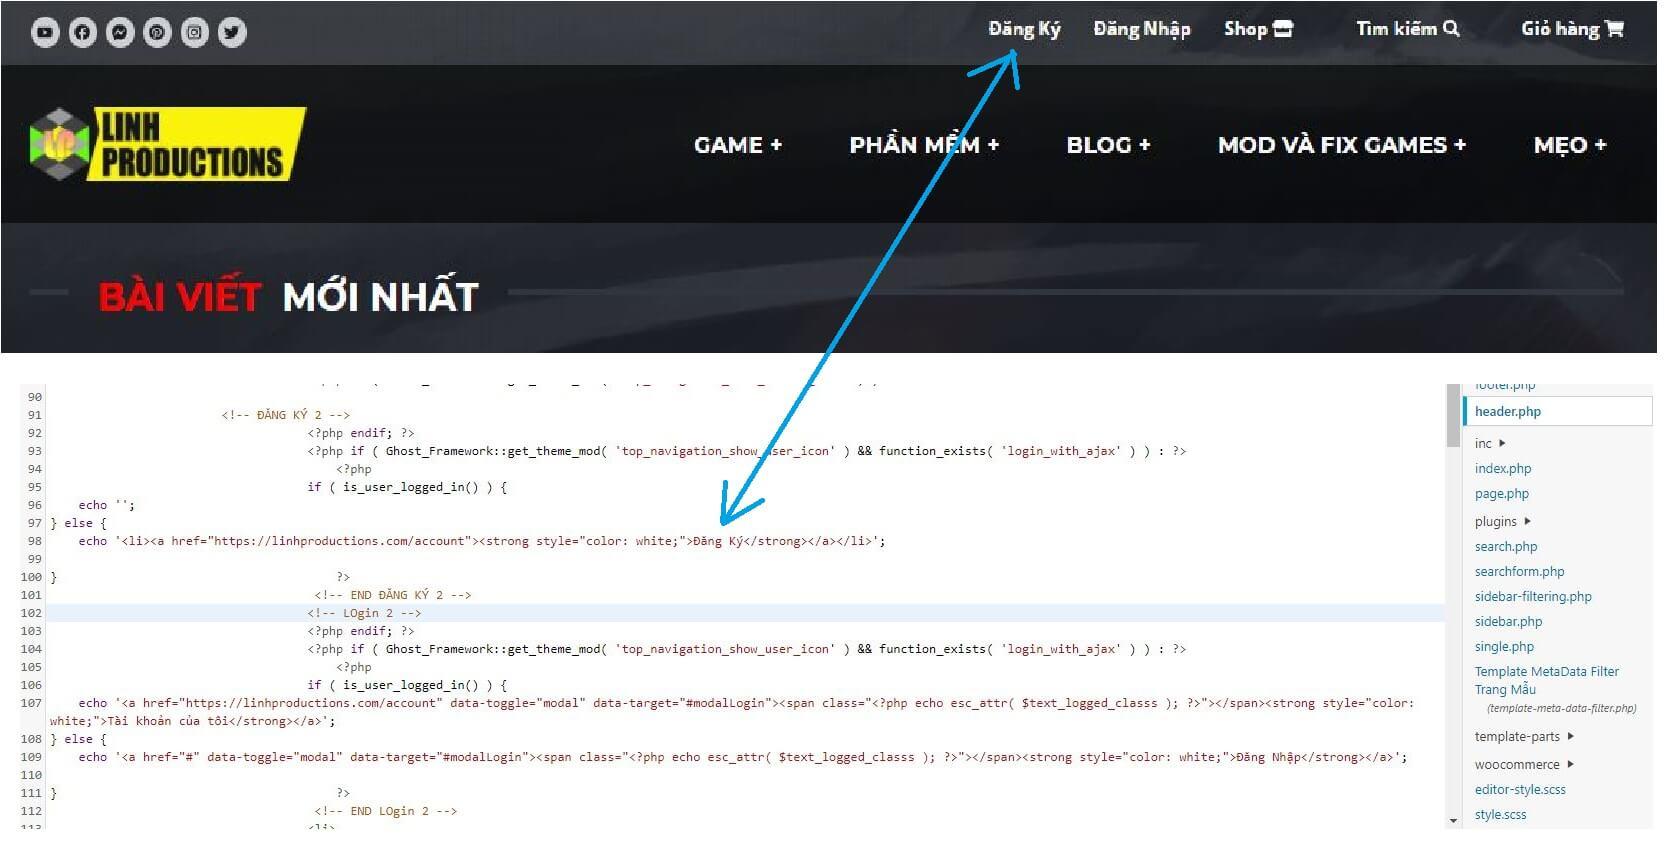 Code ẩn Text khi người dùng đăng nhập